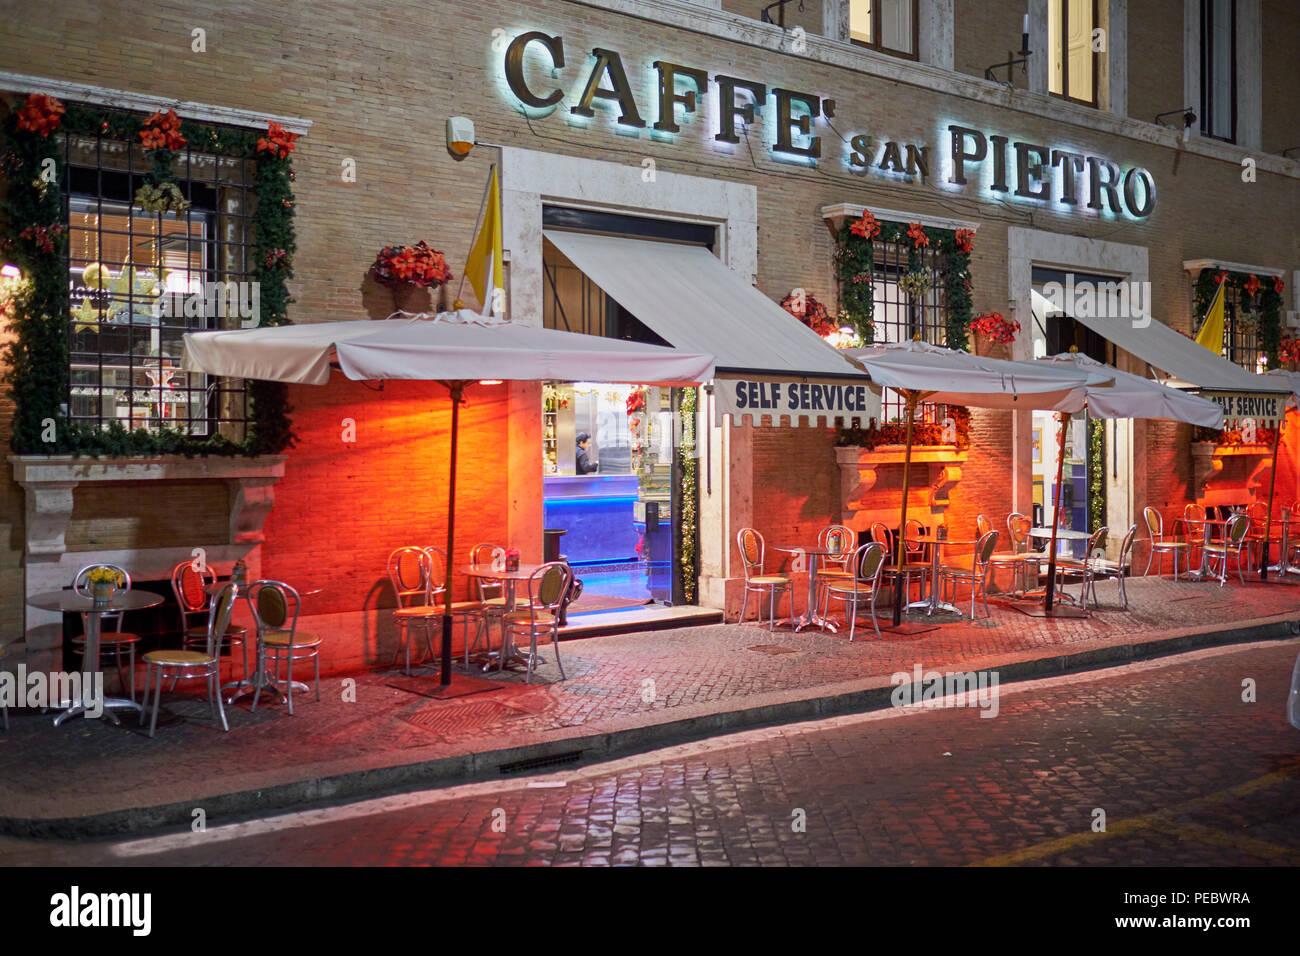 Acera Cafe cerca del Vaticano en la noche durante la temporada de vacaciones, Roma, Italia Imagen De Stock